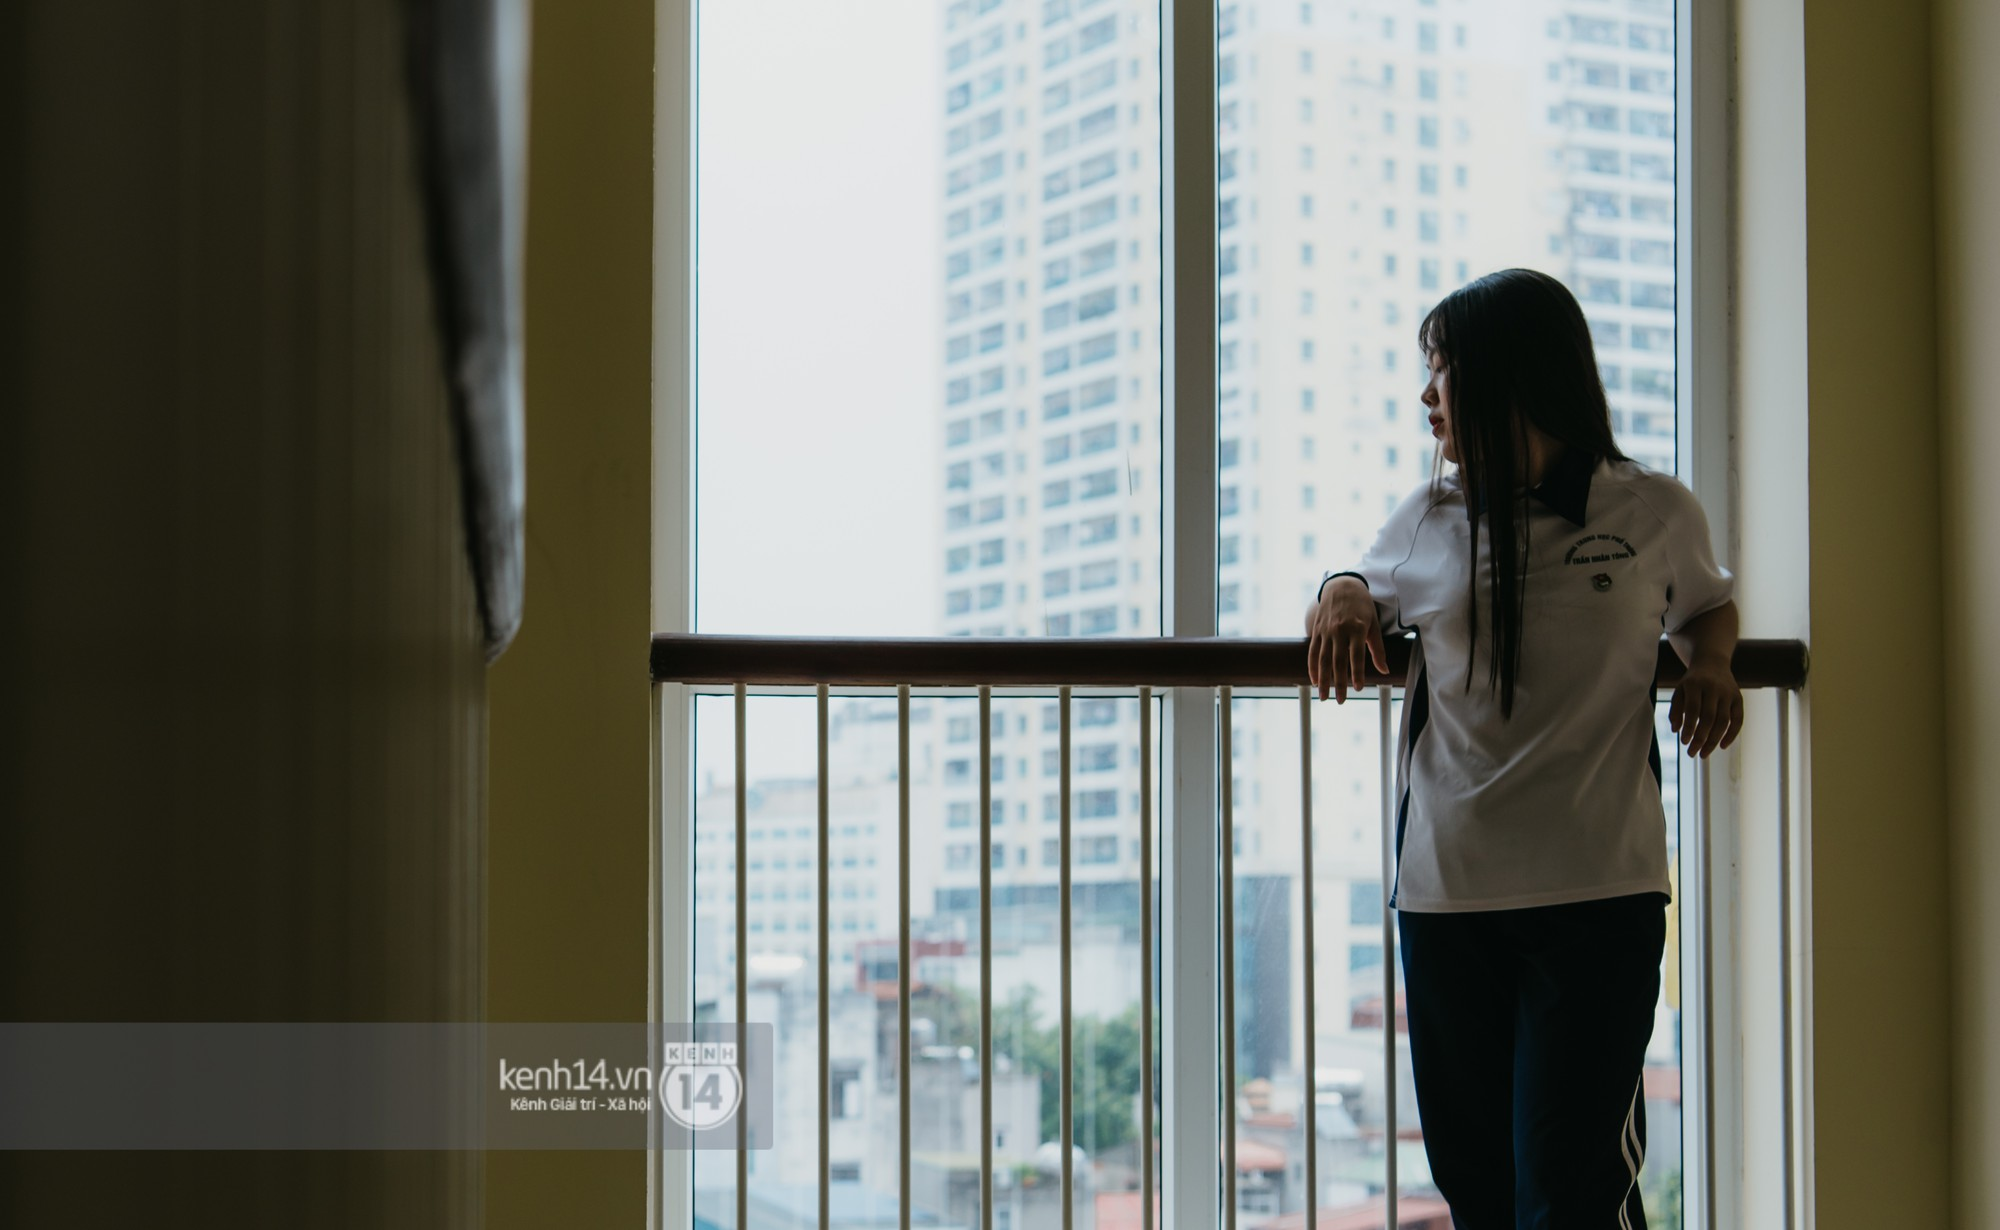 Xuất hiện ngôi trường cấp 3 công lập cao nhất Hà Nội, siêu đẹp và hiện đại với vô vàn góc sống ảo xịn sò - Ảnh 14.